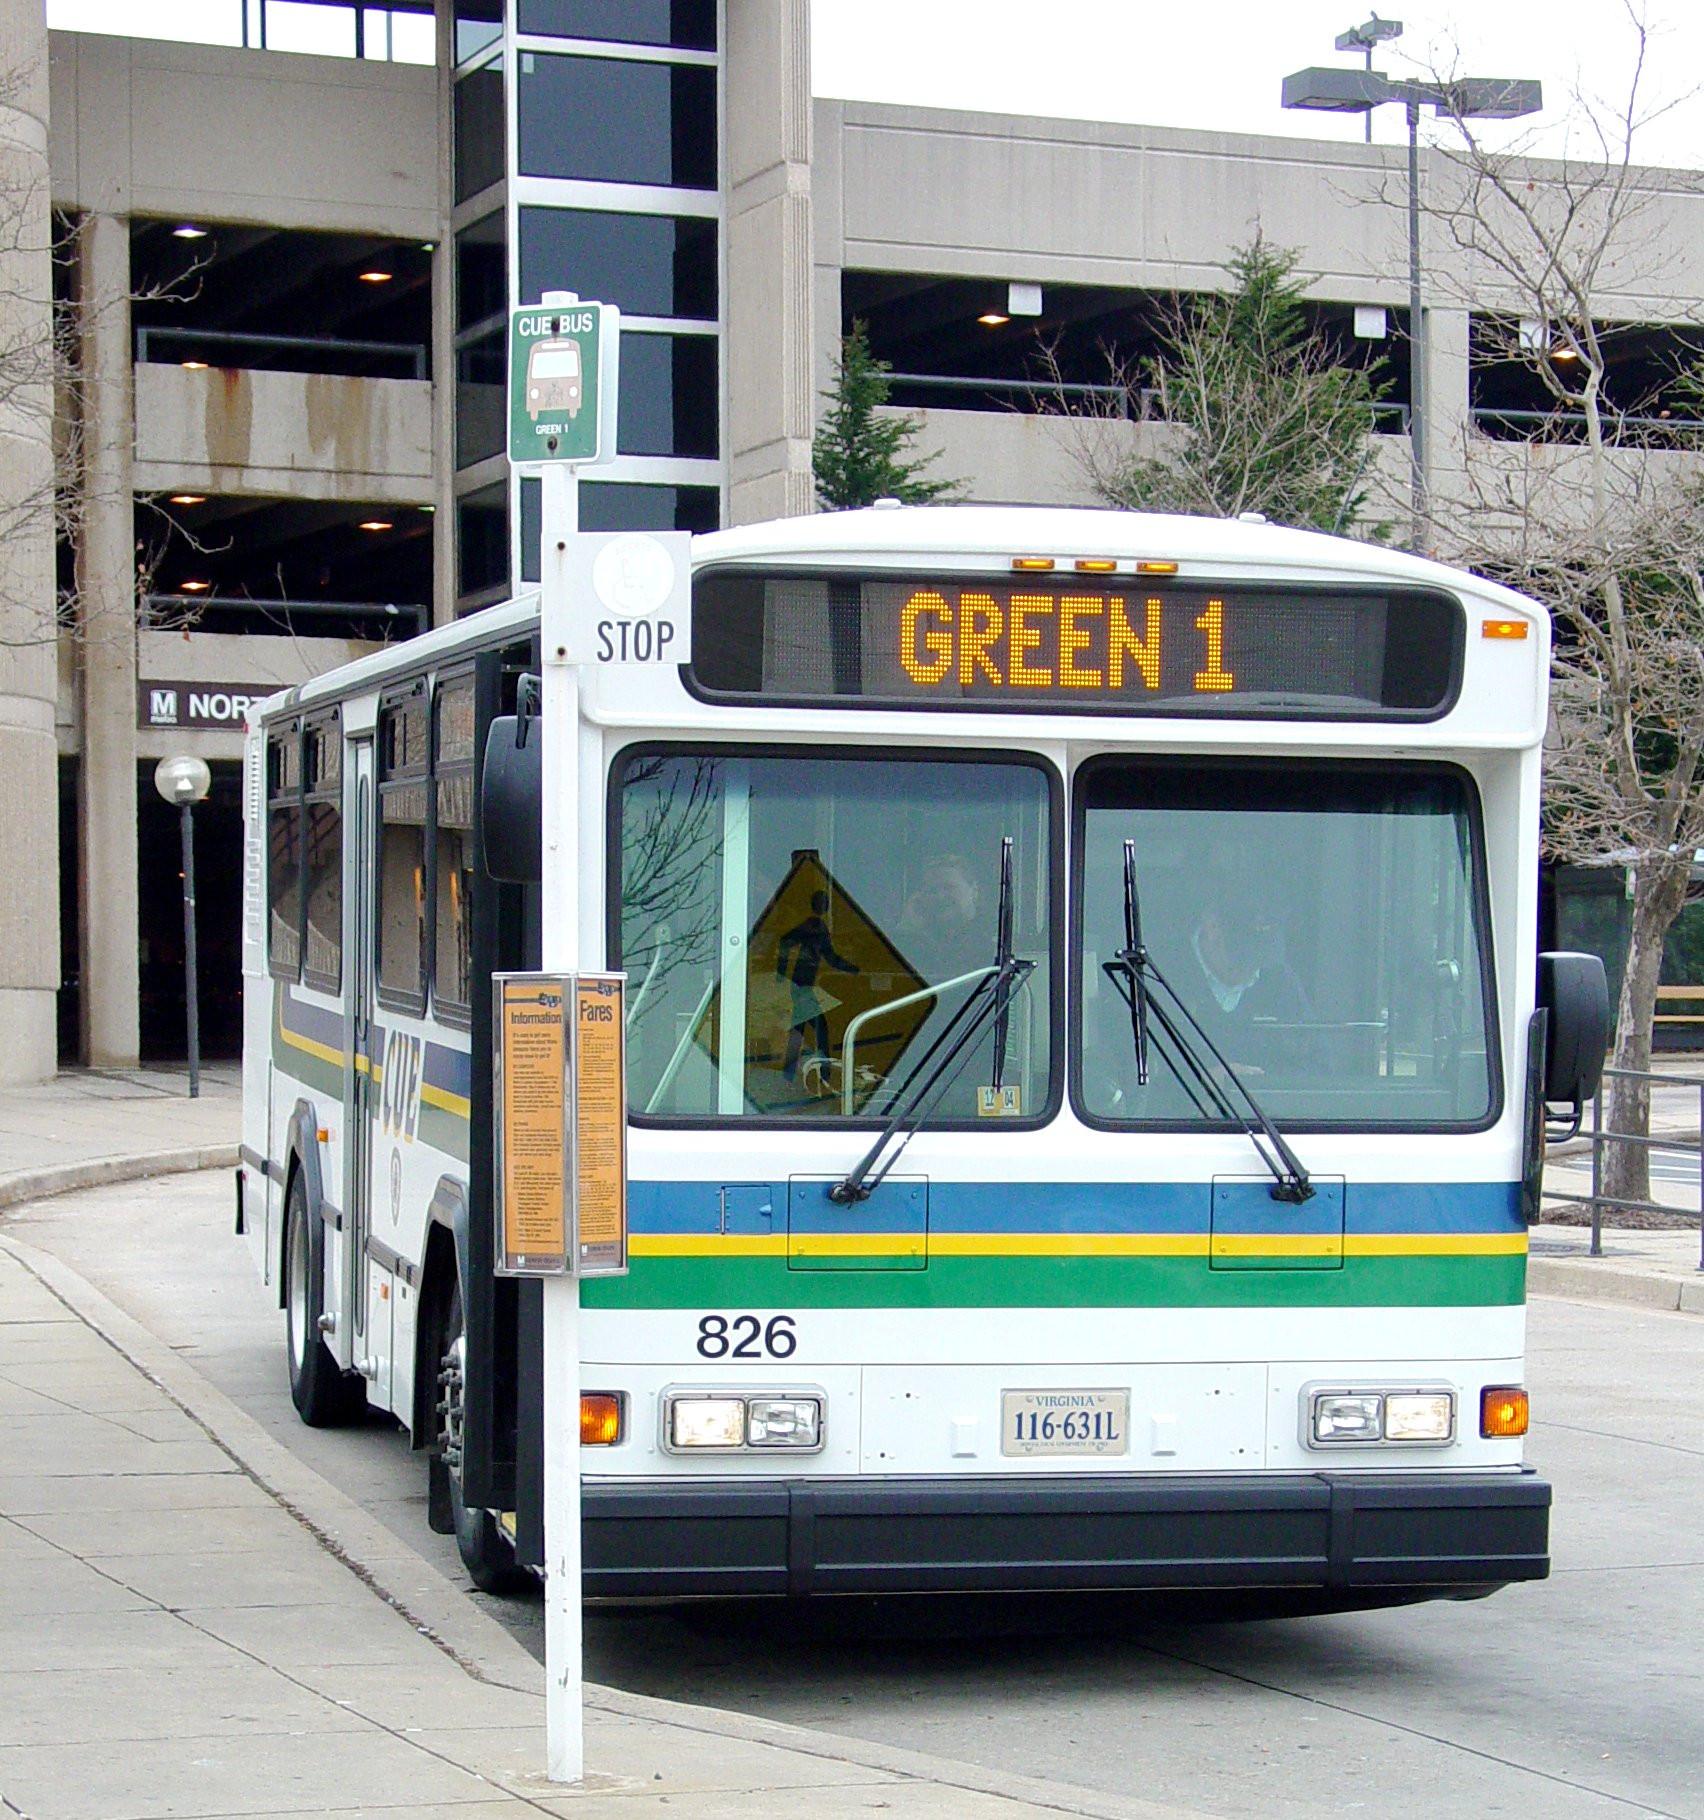 cue bus - wikipedia